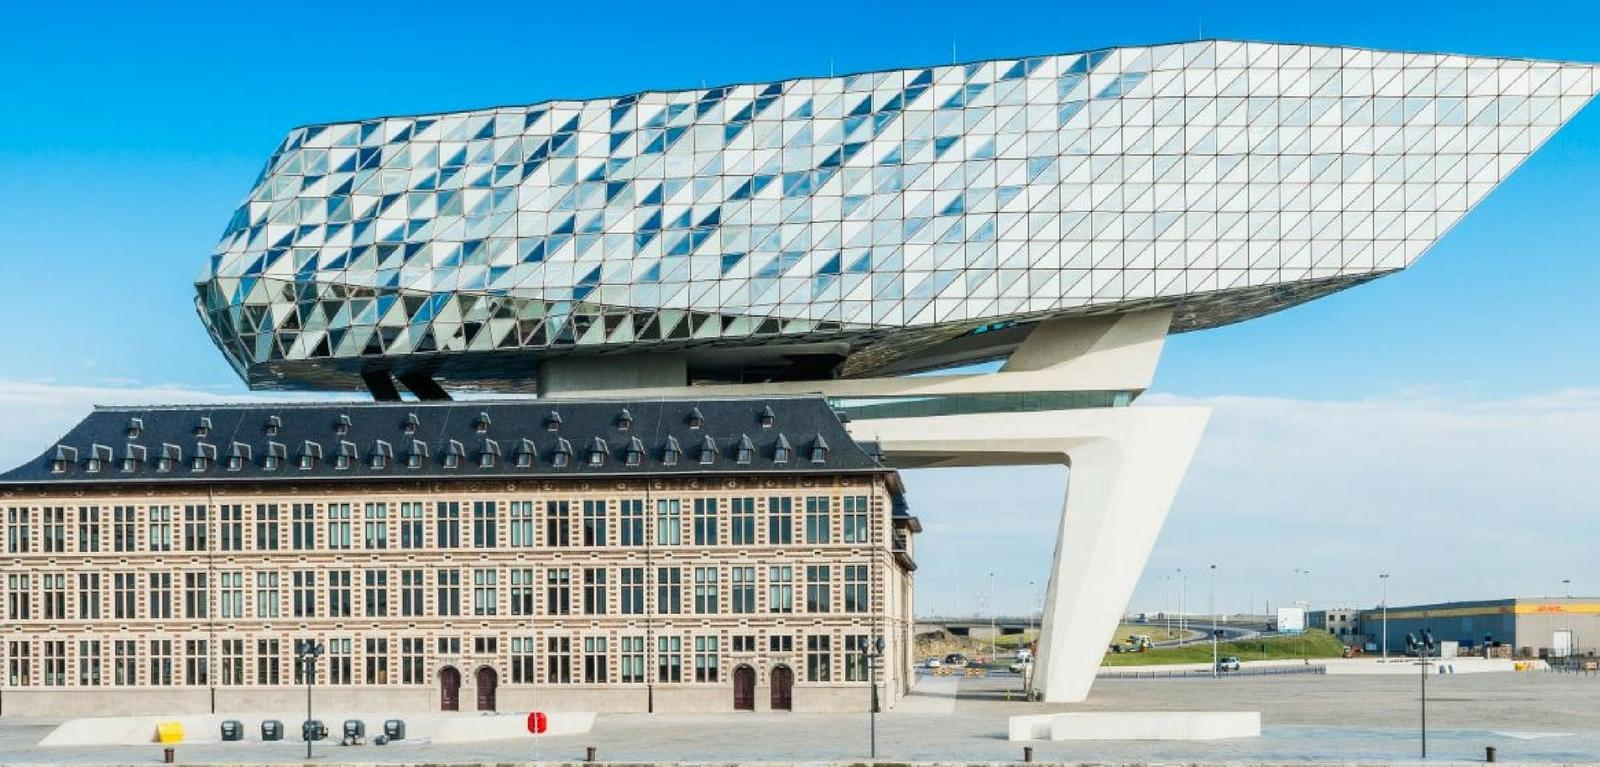 Bekijk Onze Projecten Havenhuis Antwerpen Saint Gobain Building Glass